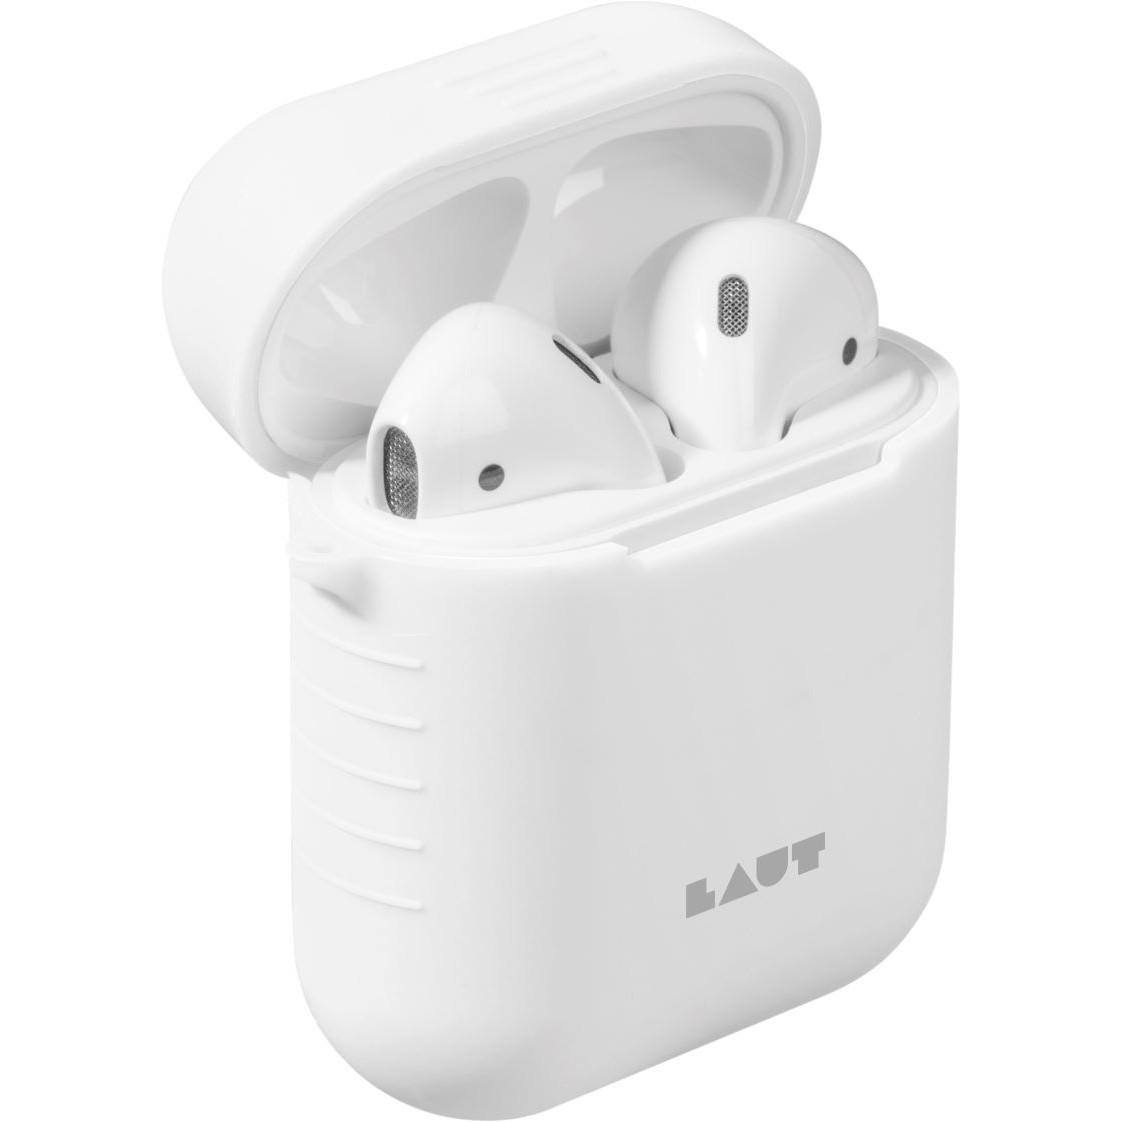 Ốp case Pod dành cho AirPods Charging Case - Hàng chính hãng